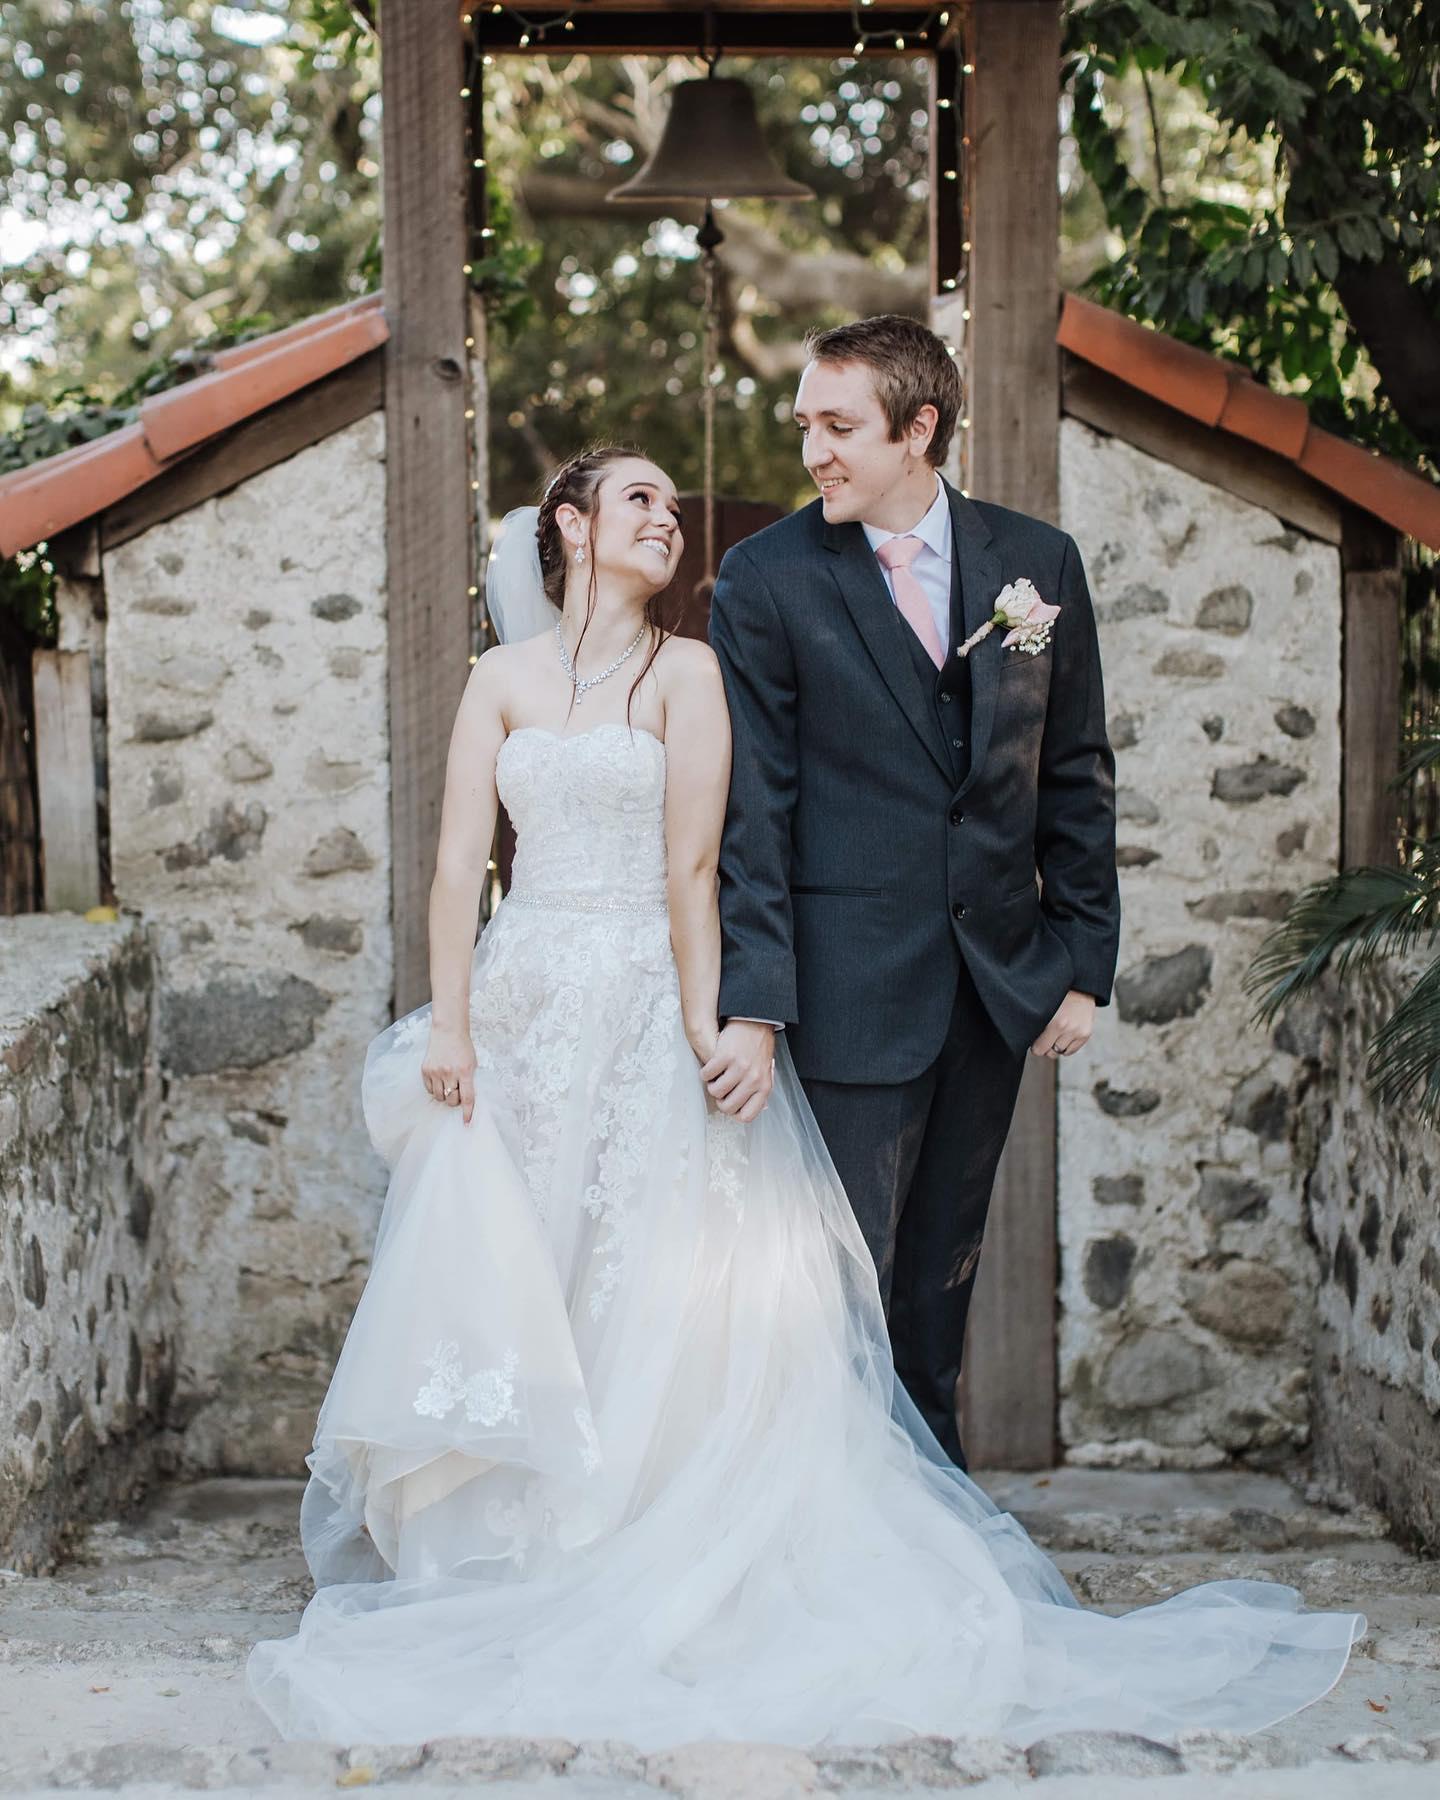 pengantin wanita mengenakan gaun pesta tradisional dengan renda dan tulle